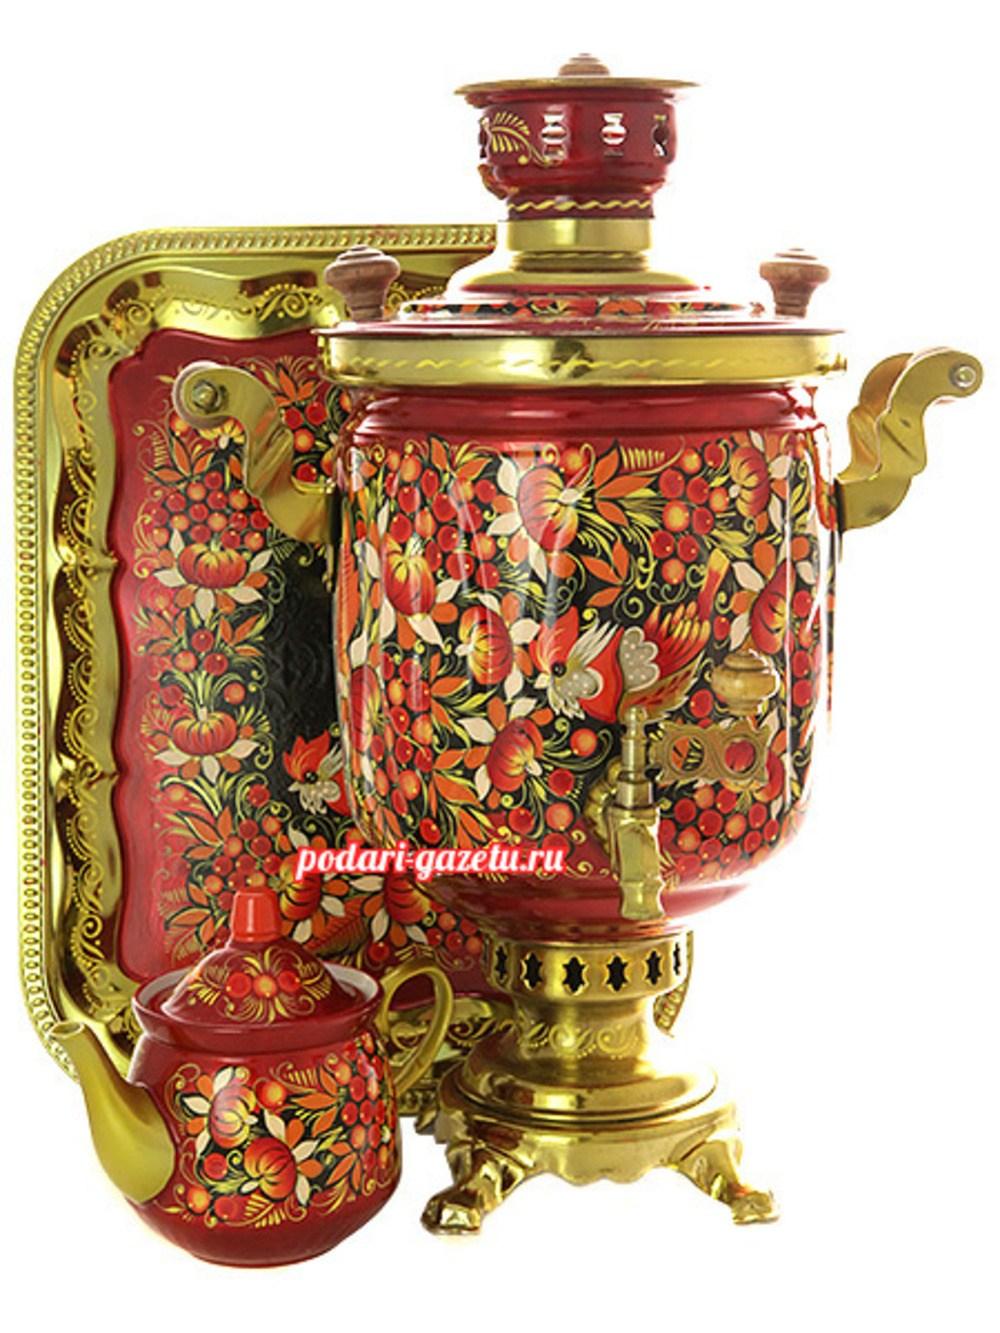 Комбинированный самовар с росписью Птица, рябина, цветы